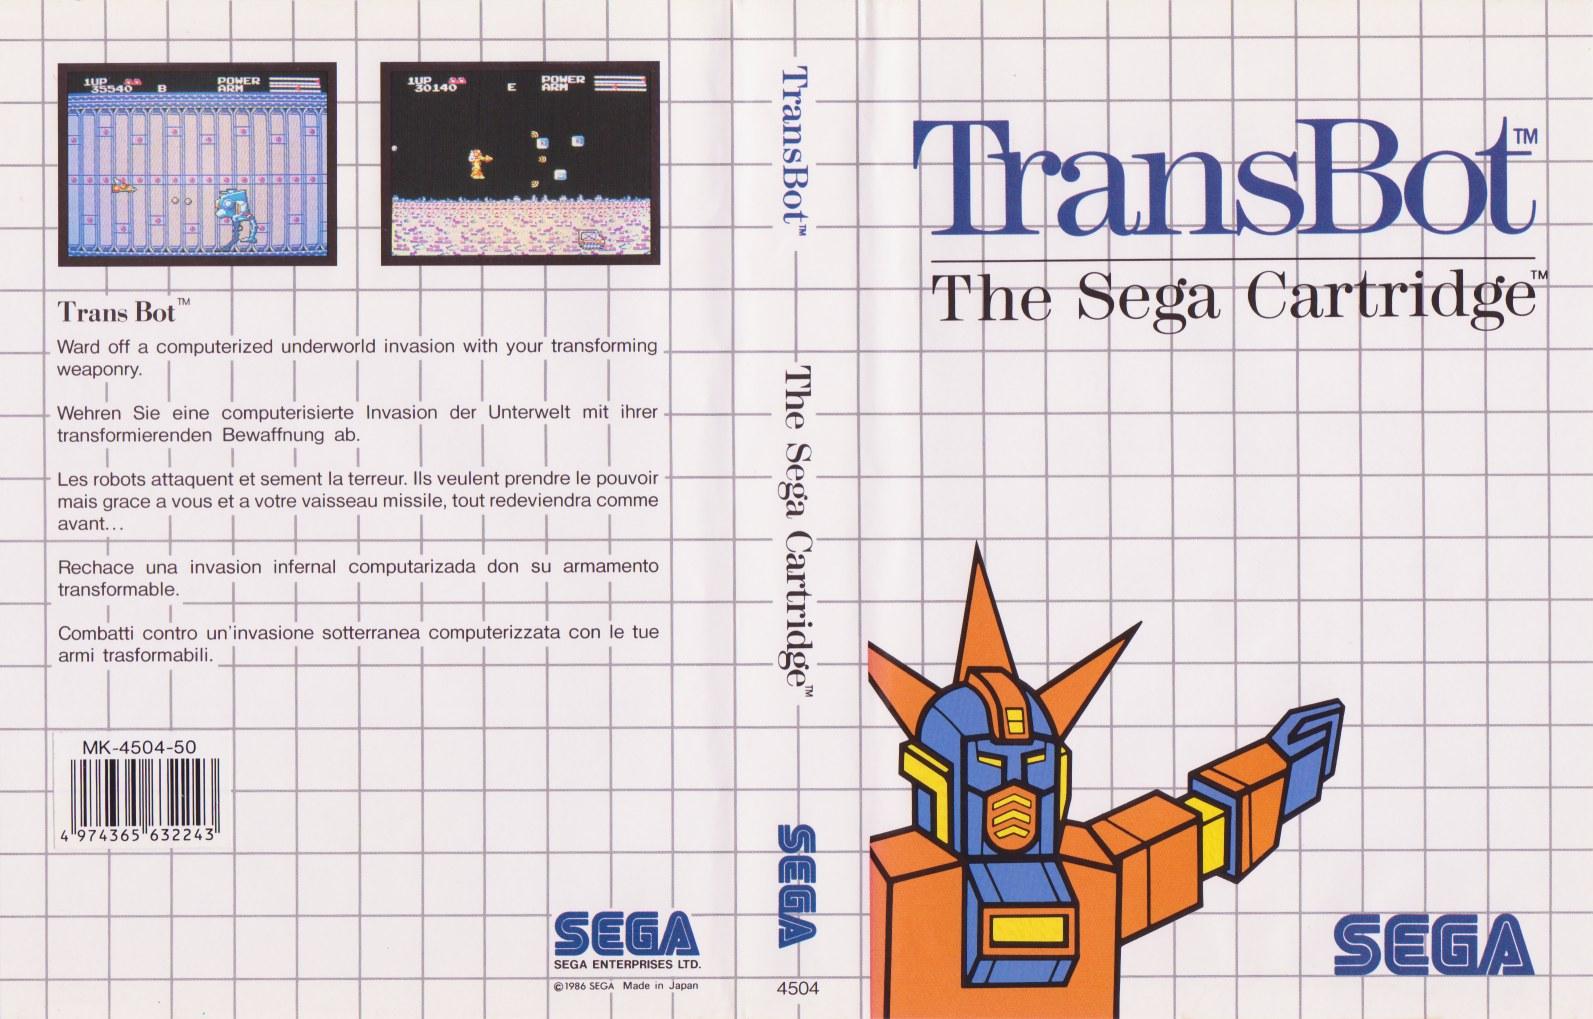 http://www.smspower.org/uploads/Scans/TransBot-SMS-EU-Cartridge-NoR.jpg